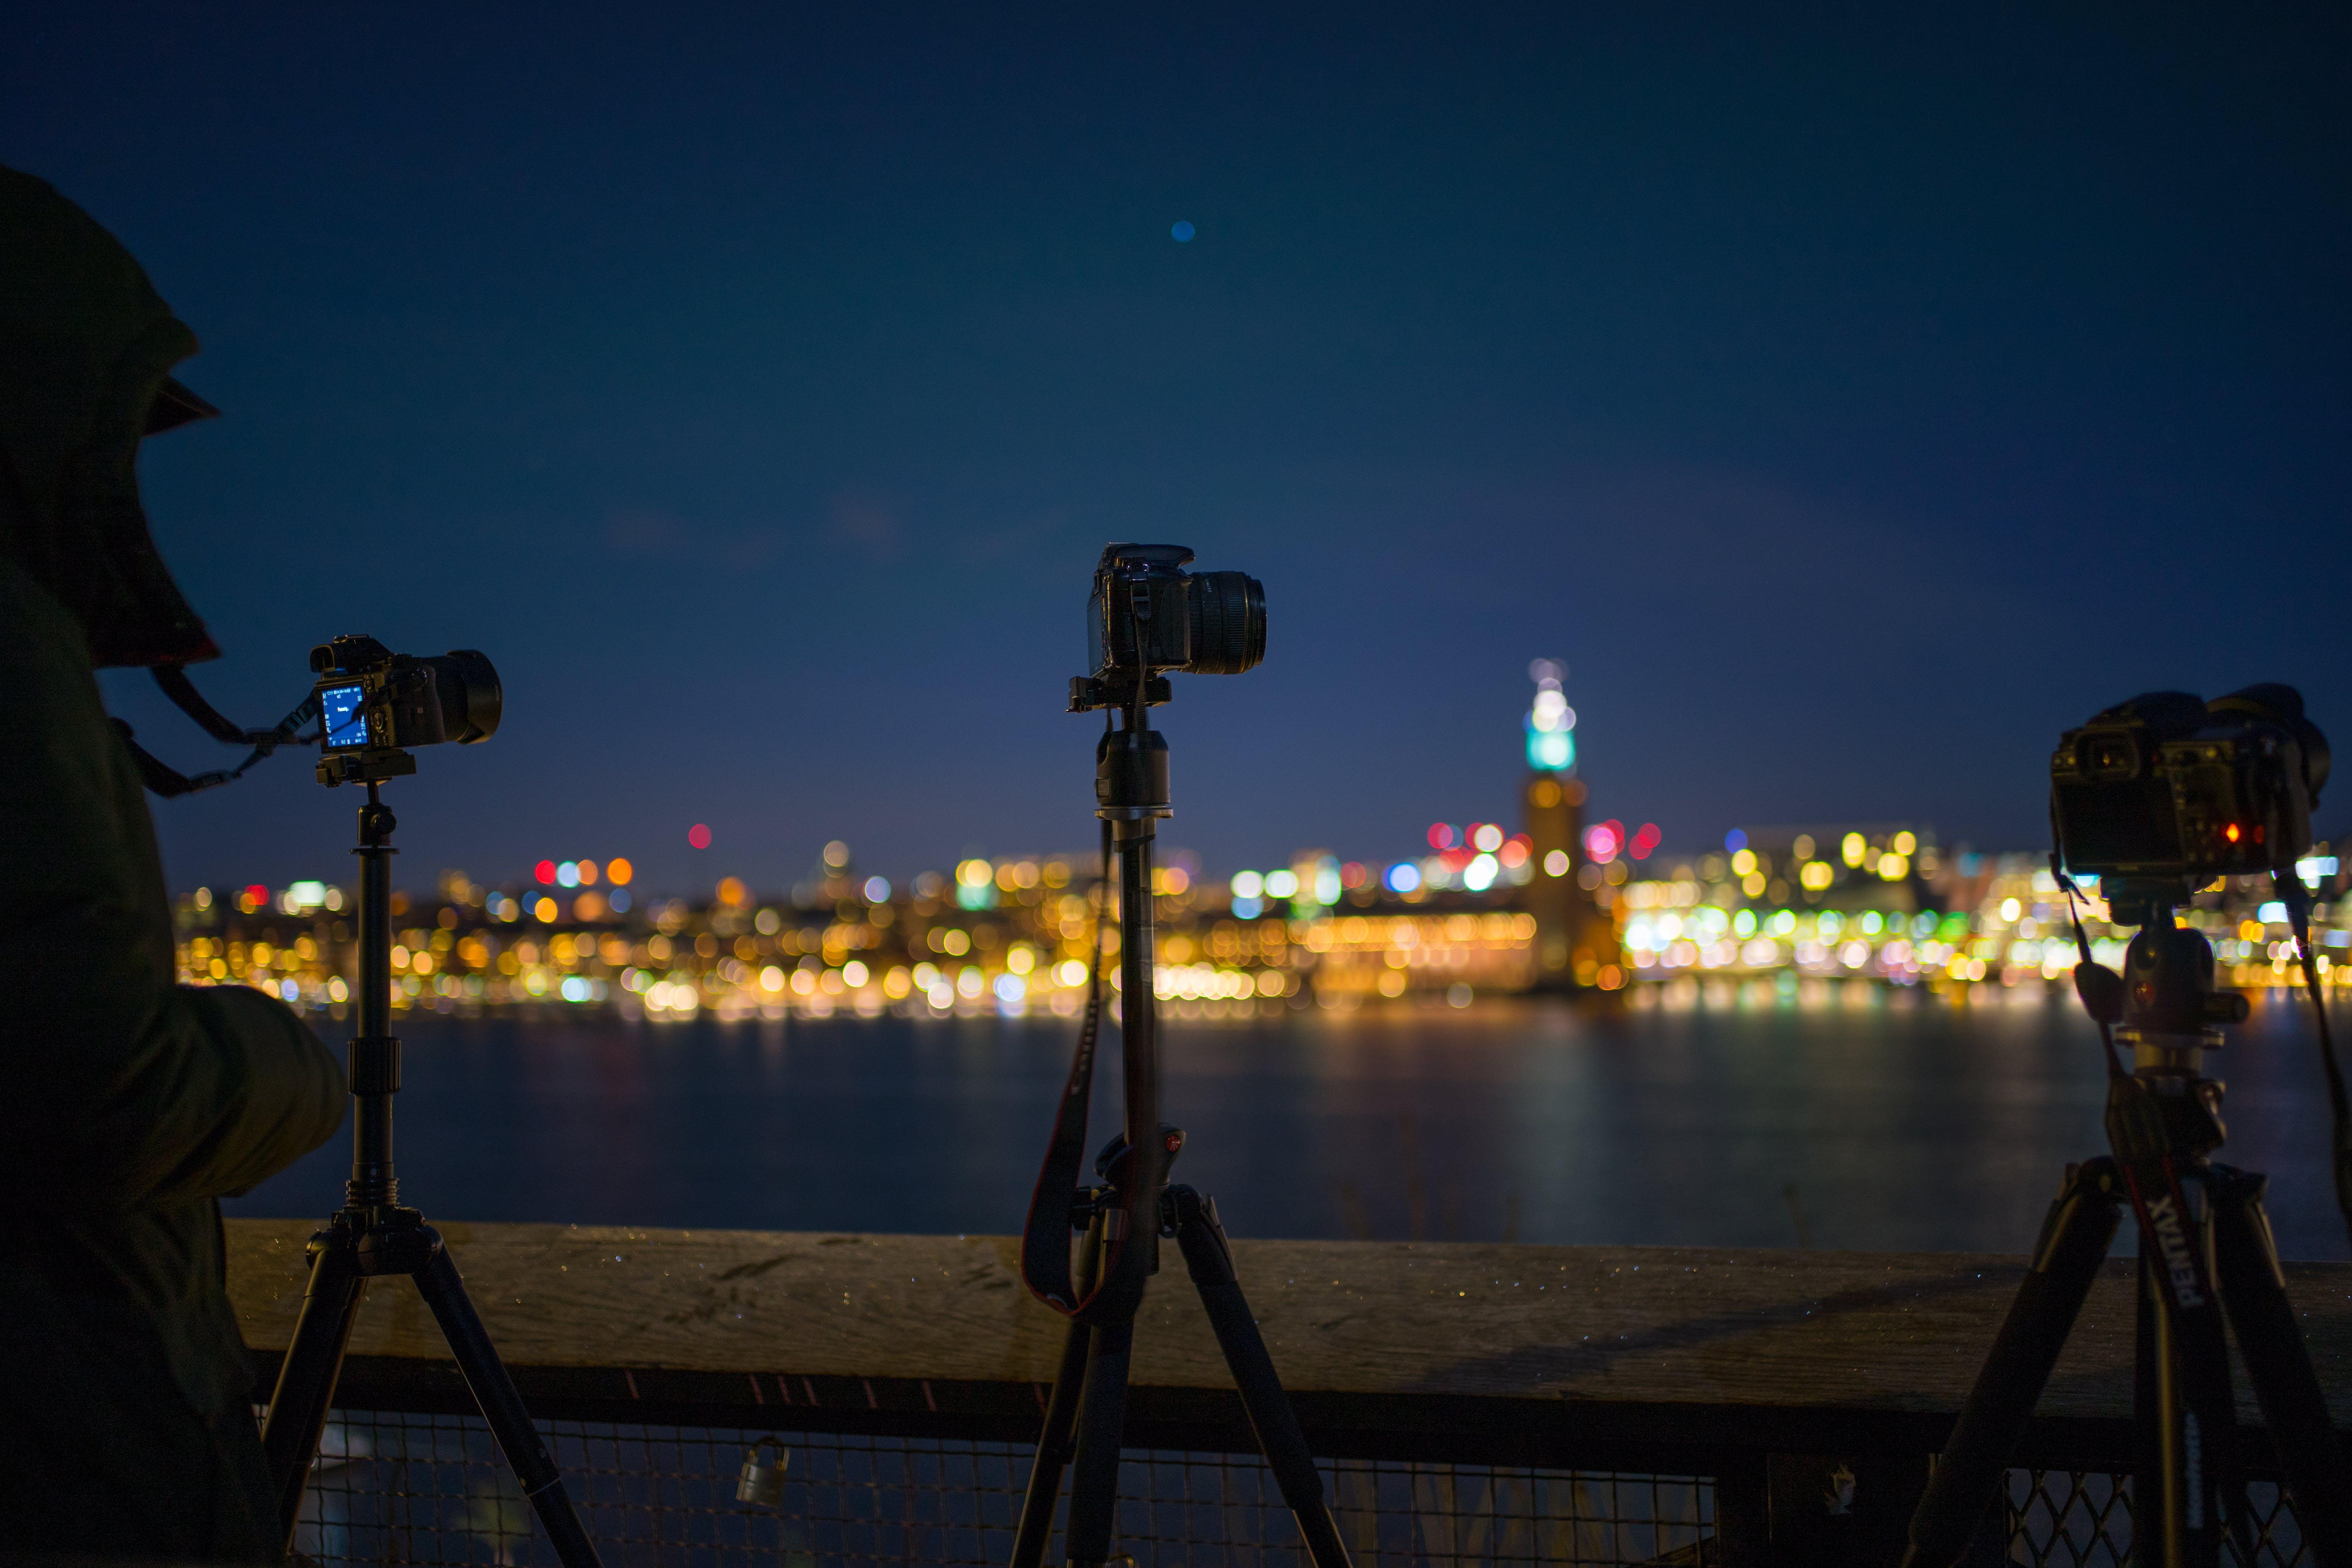 Kostenloses Stock Foto zu ausrüstung, beleuchtung, fotografie, kameras